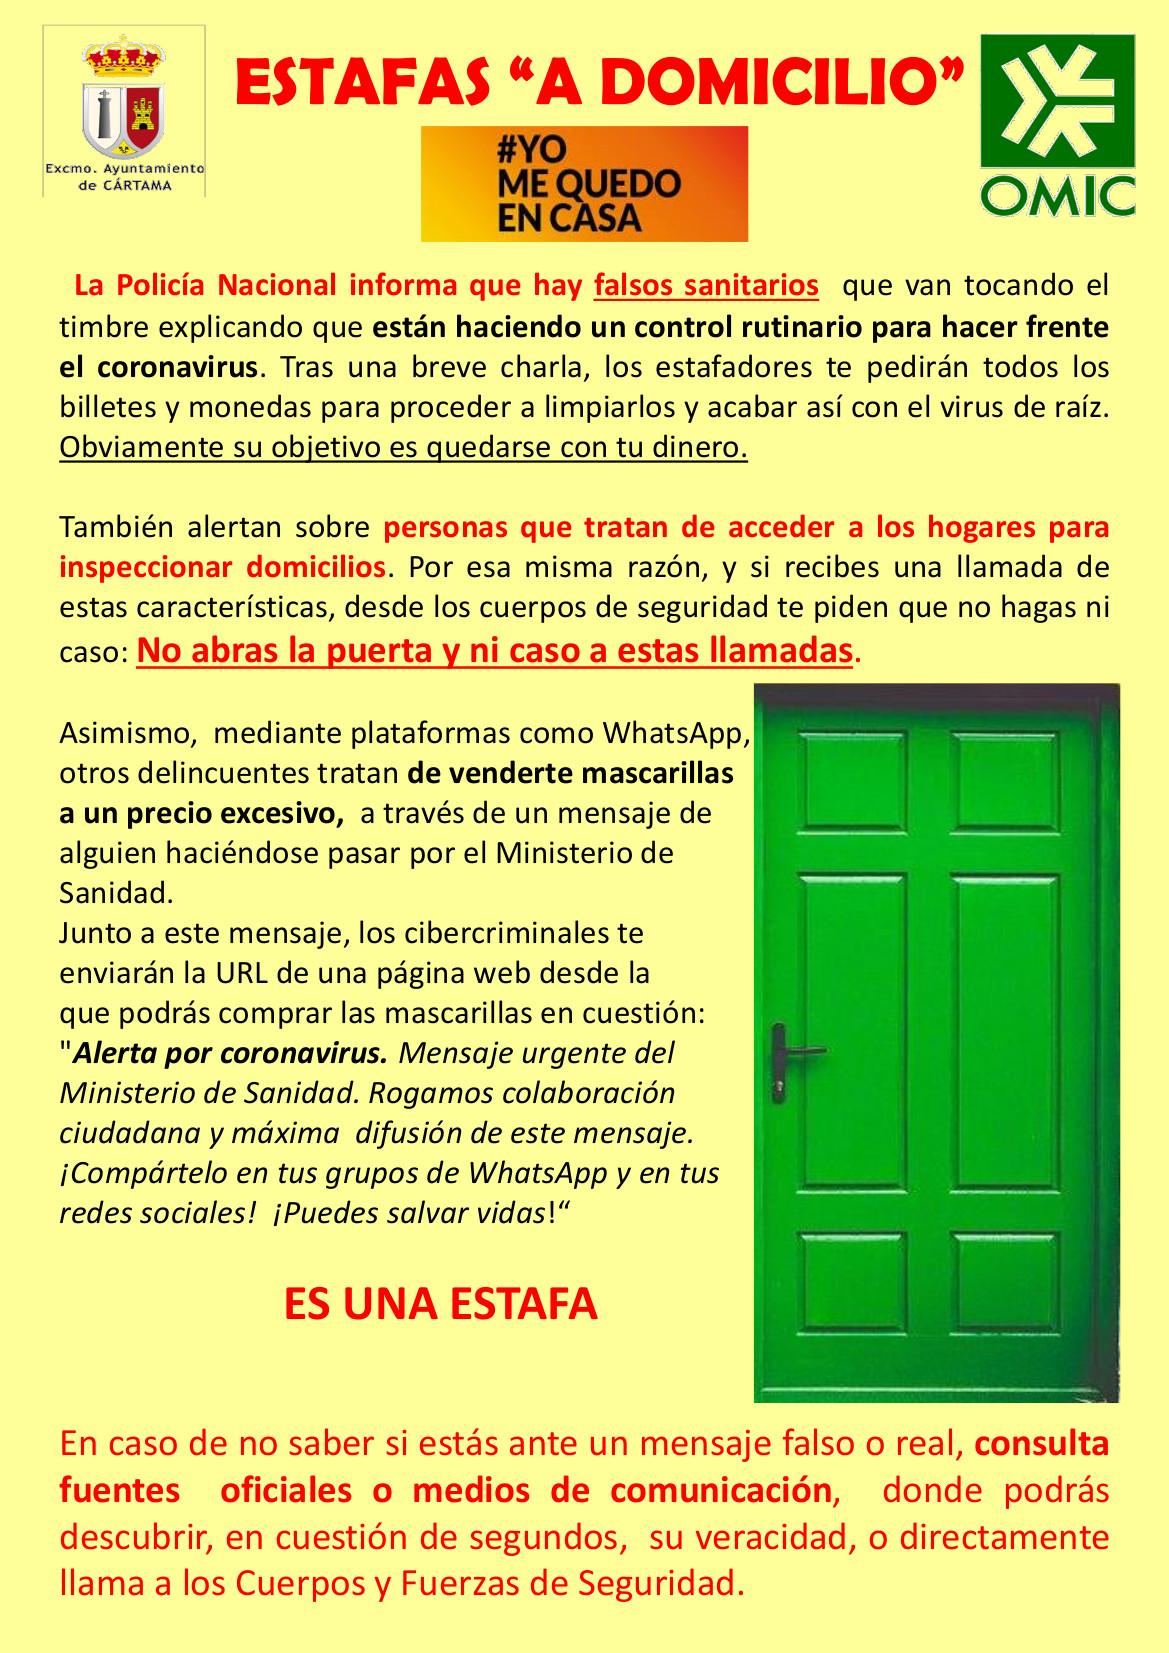 info-omic-estafas-a-domicilio-marzo-2020